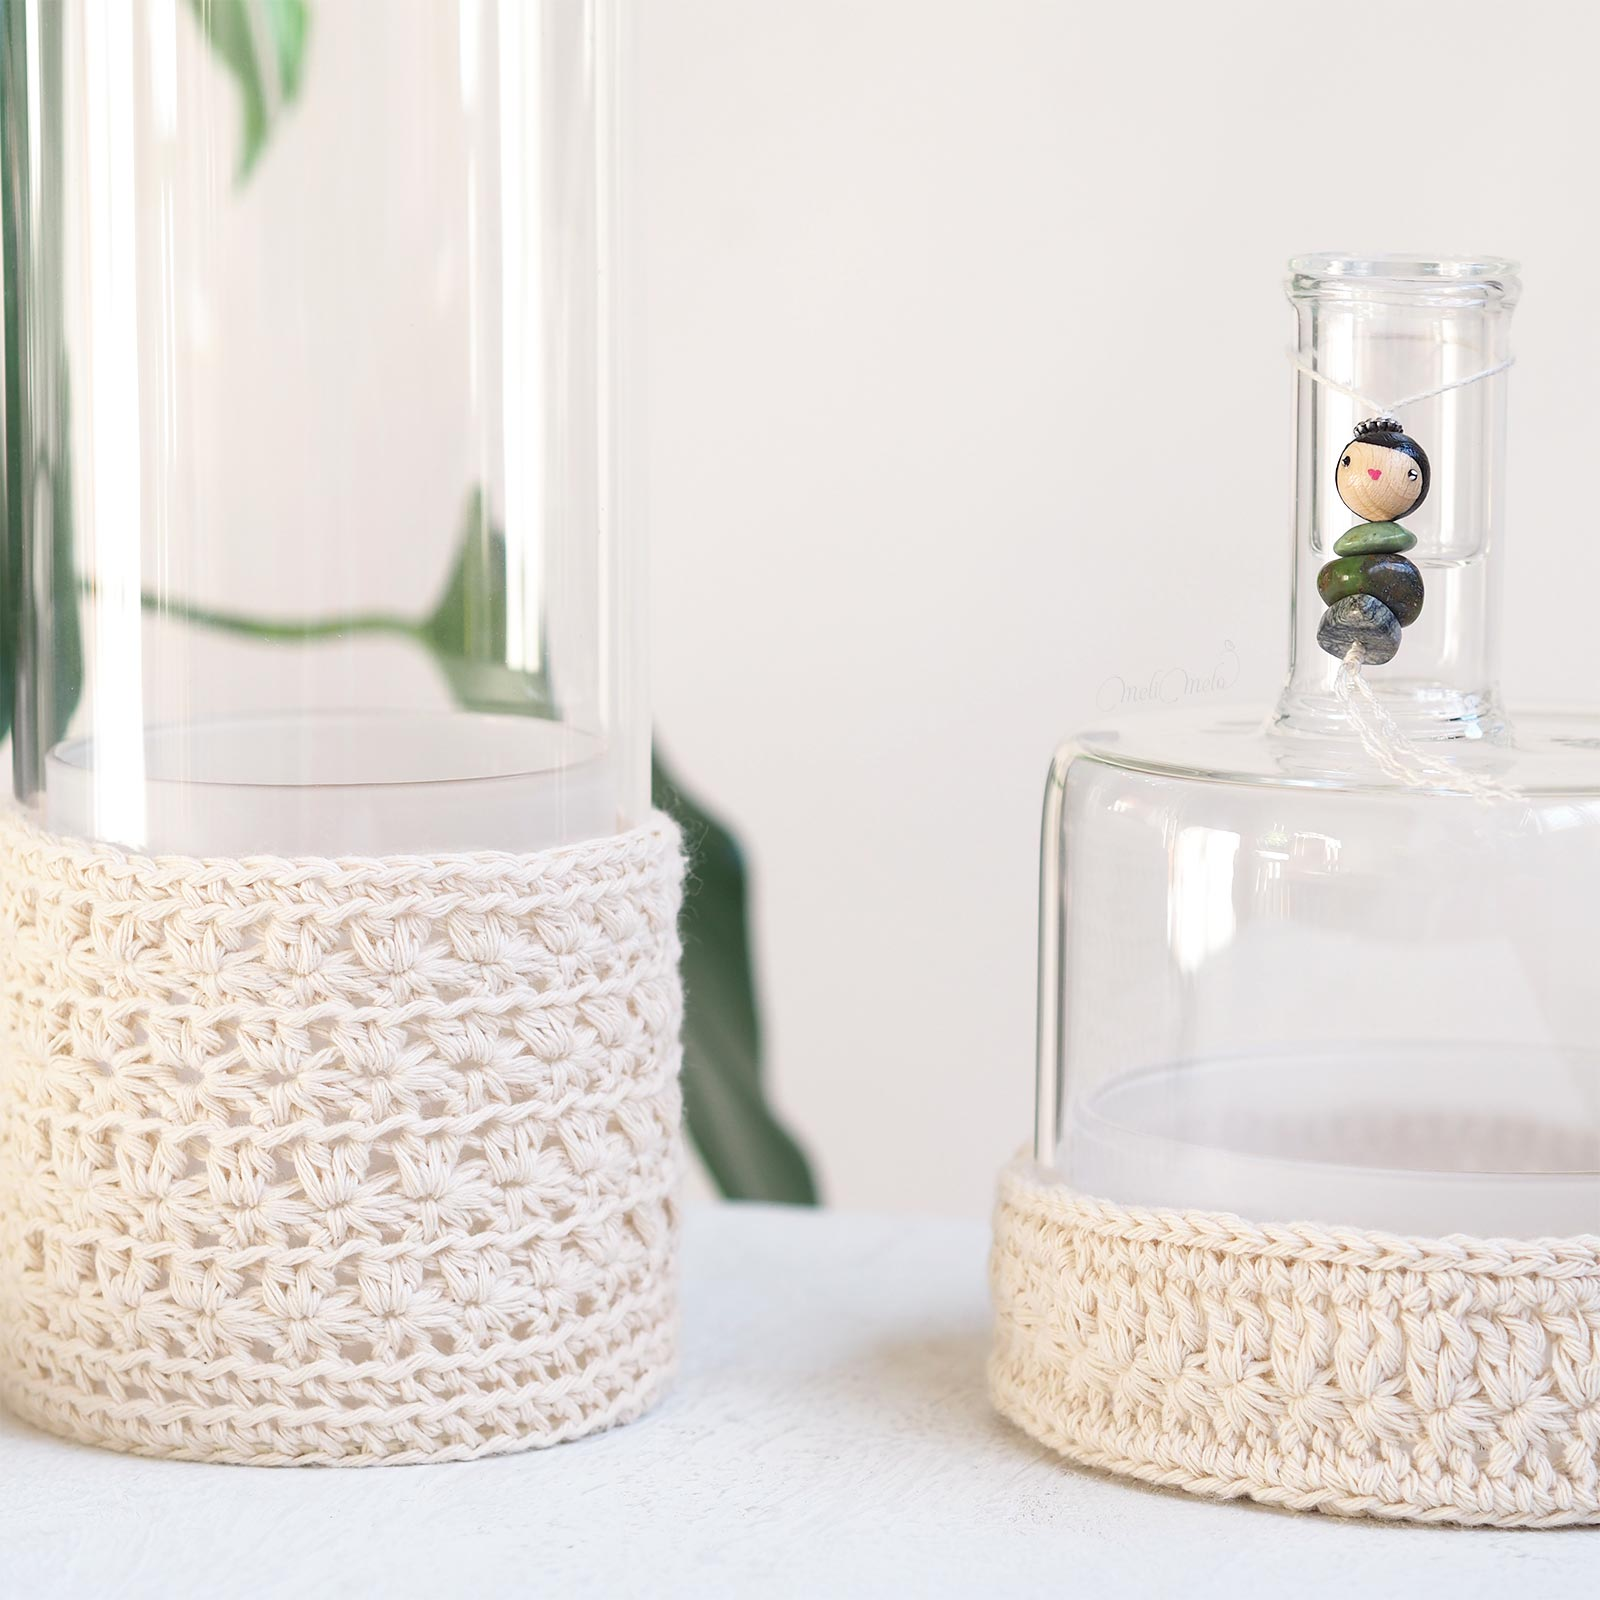 cache-pot crochet point étoilé mini serre vase déco Ichendorf Les Pois Plumes laboutiquedemelimelo